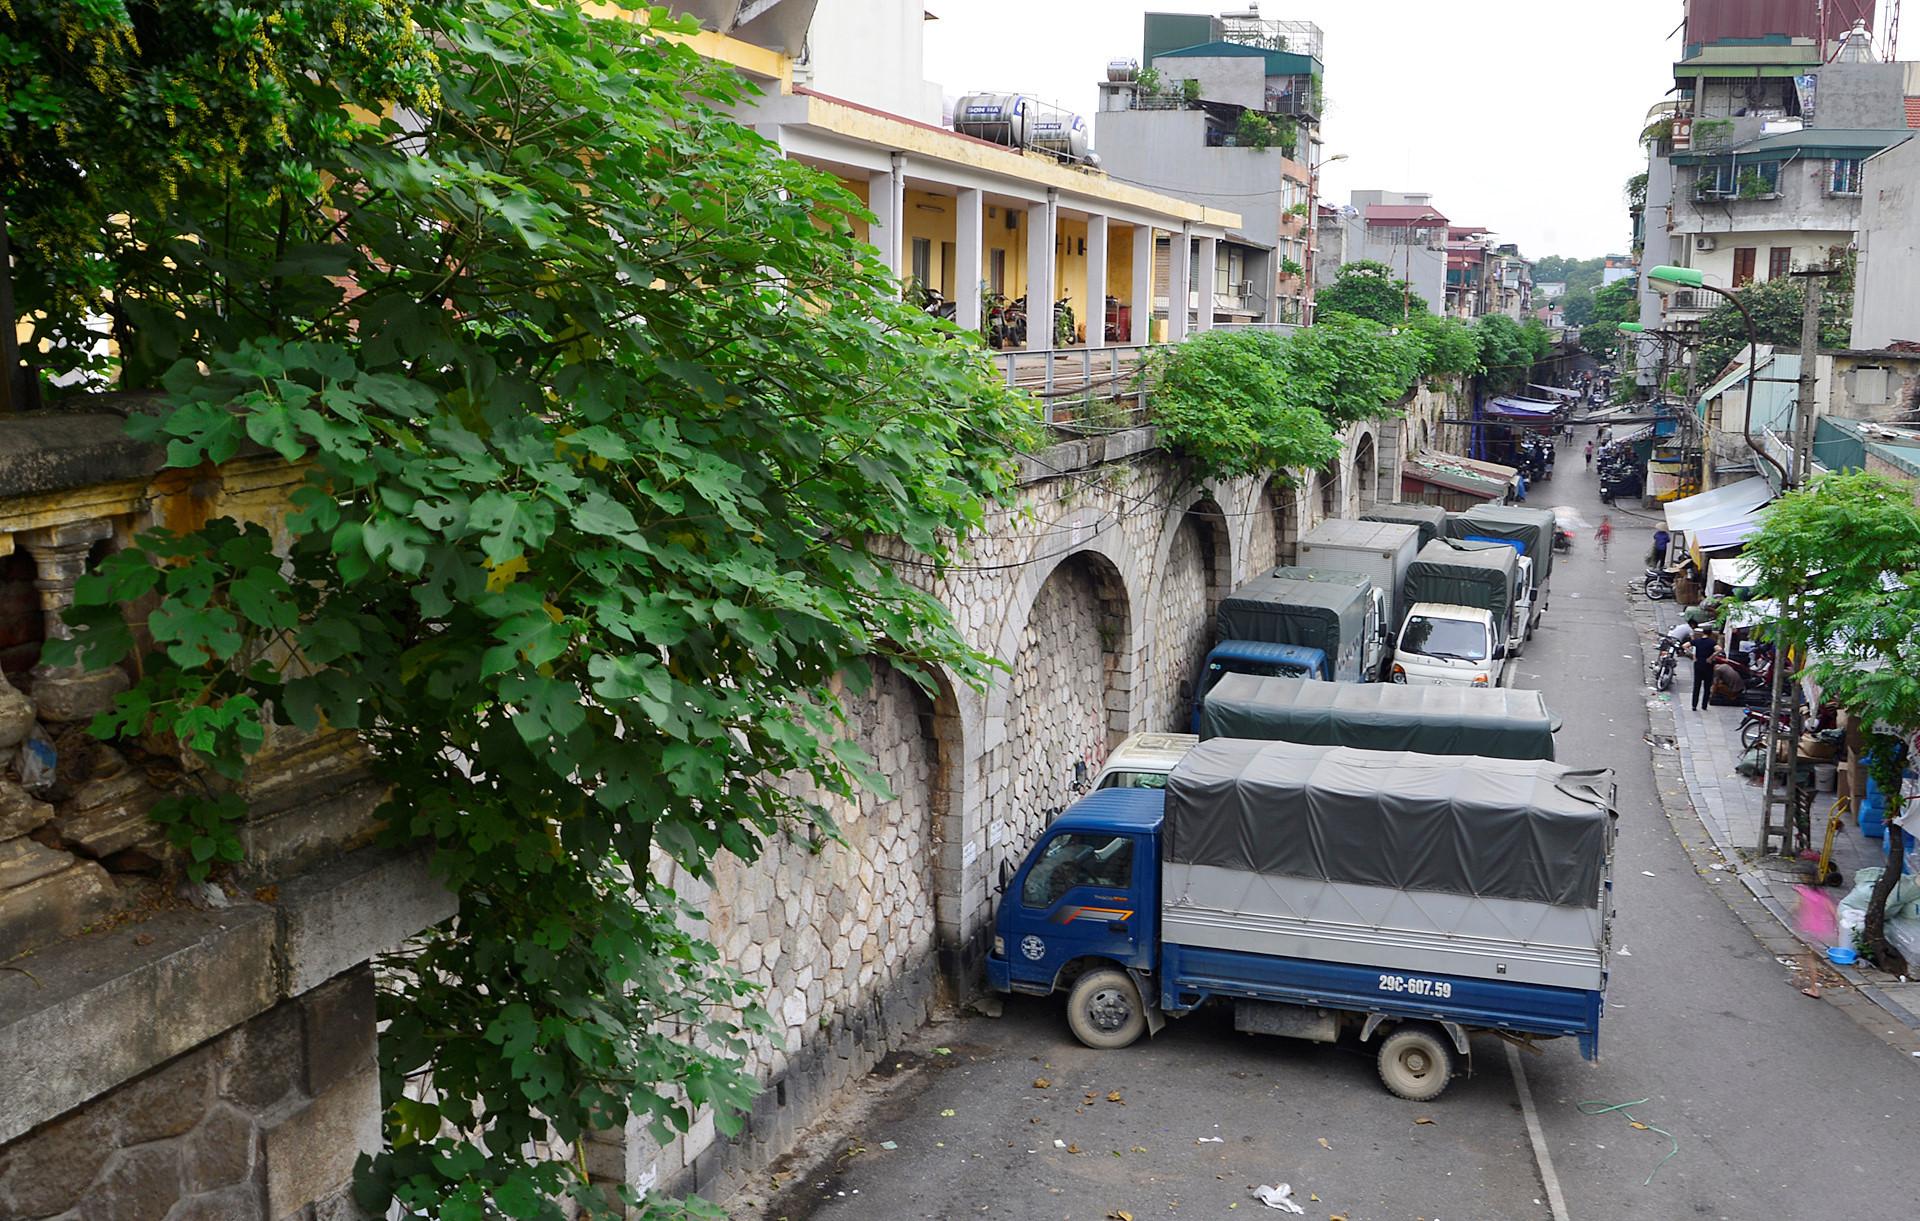 Vòm cầu đoạn phố Phùng Hưng hiện chủ yếu dùng làm bãi gửi xe